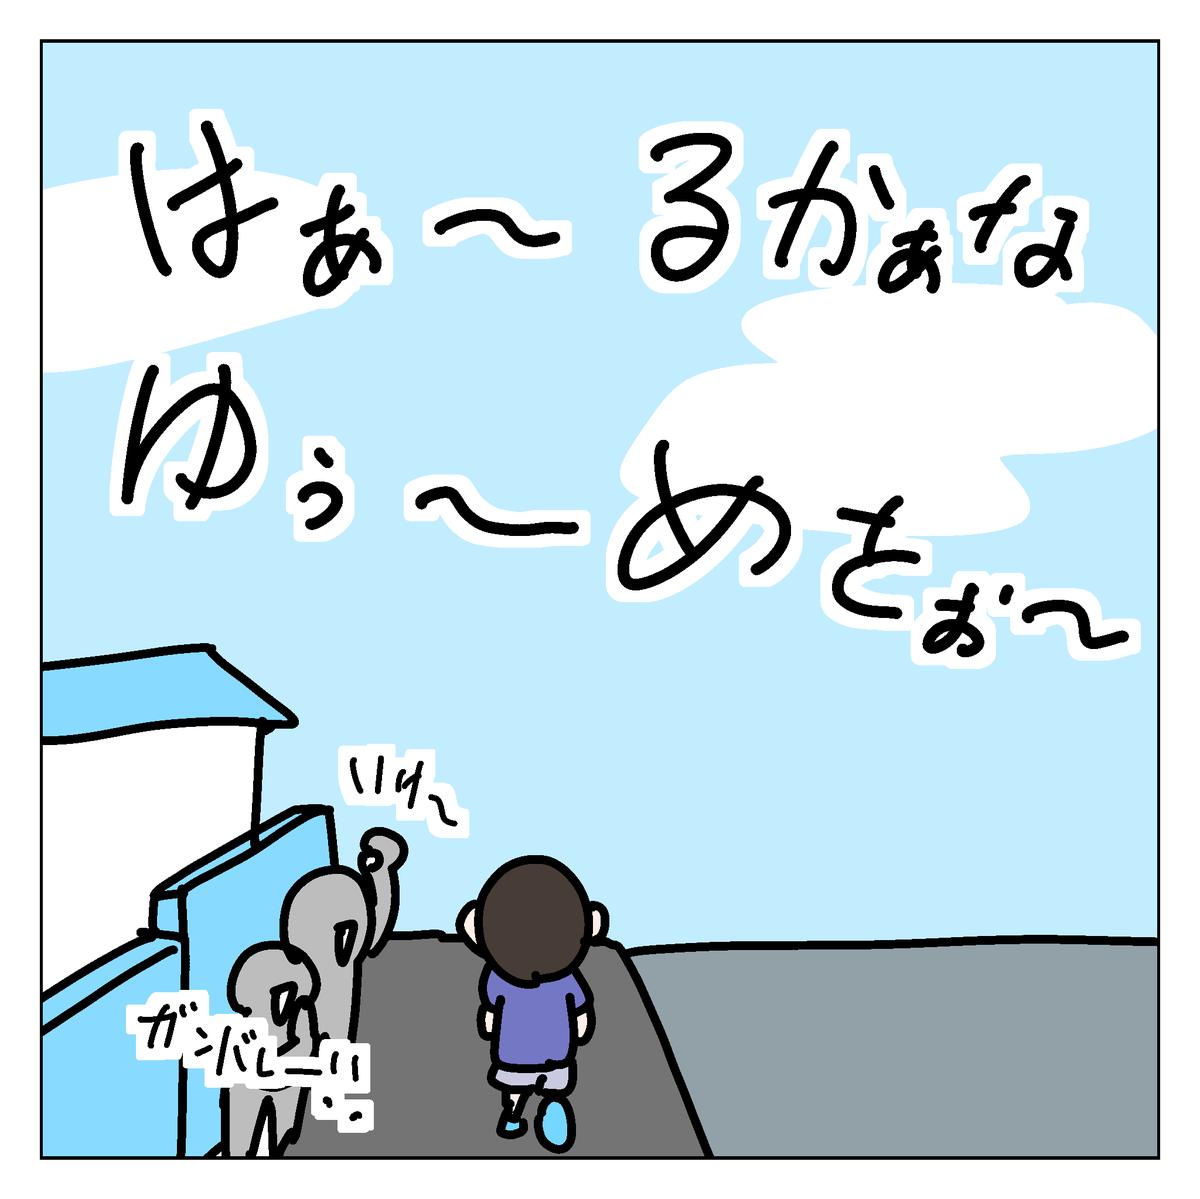 f:id:YuruFuwaTa:20200511110154p:plain